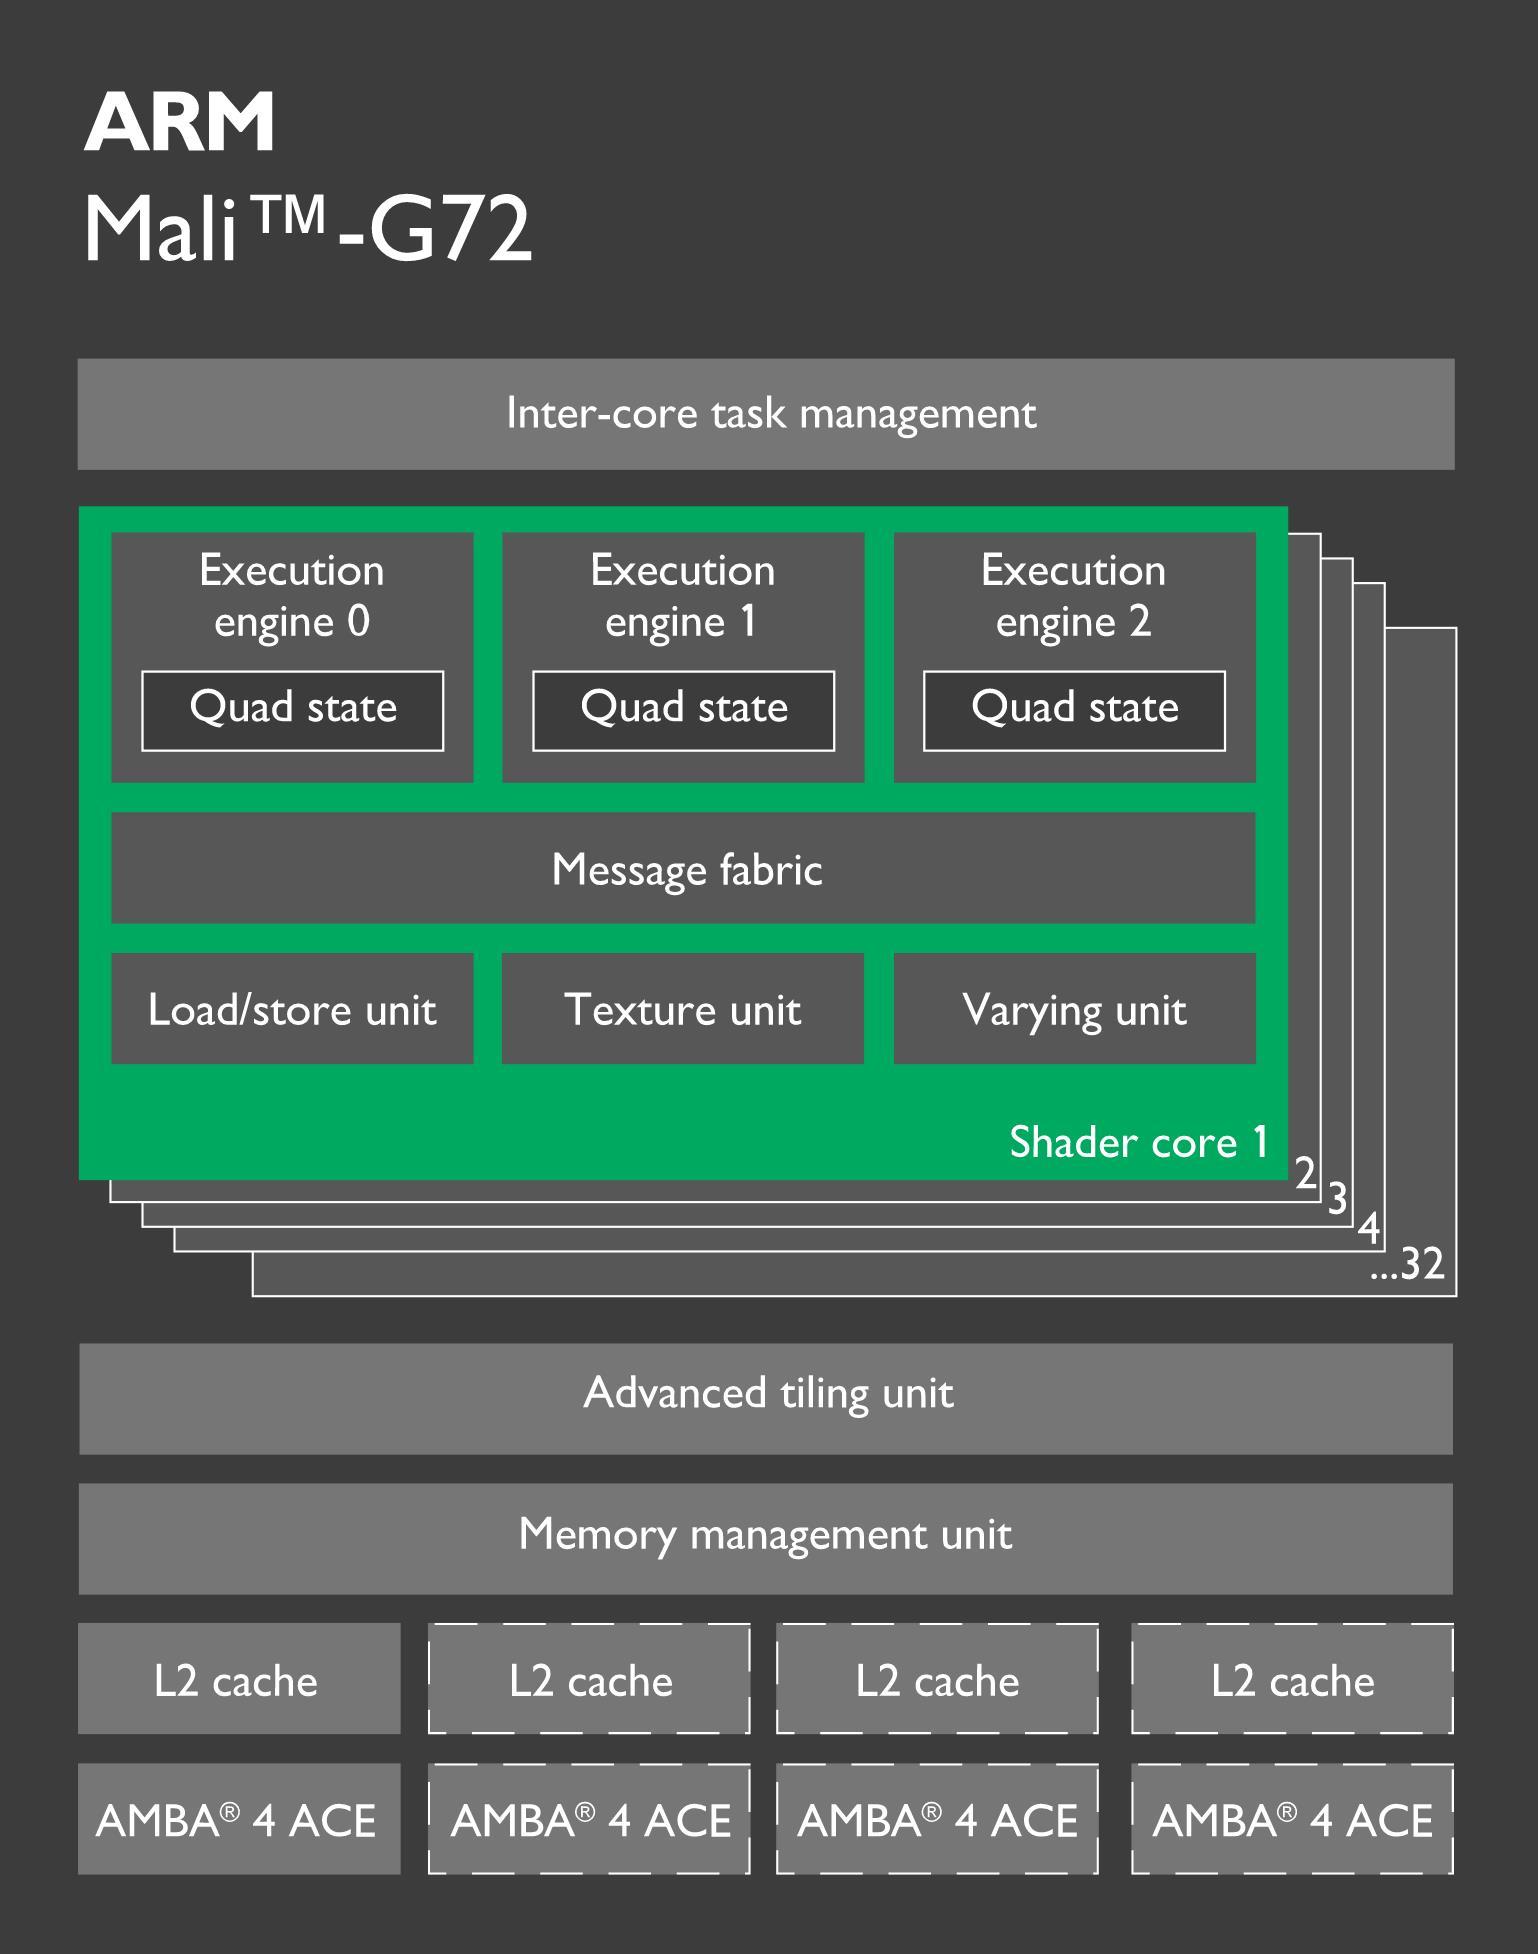 麒麟 970 因升级不明显备受争议,手机处理器未来